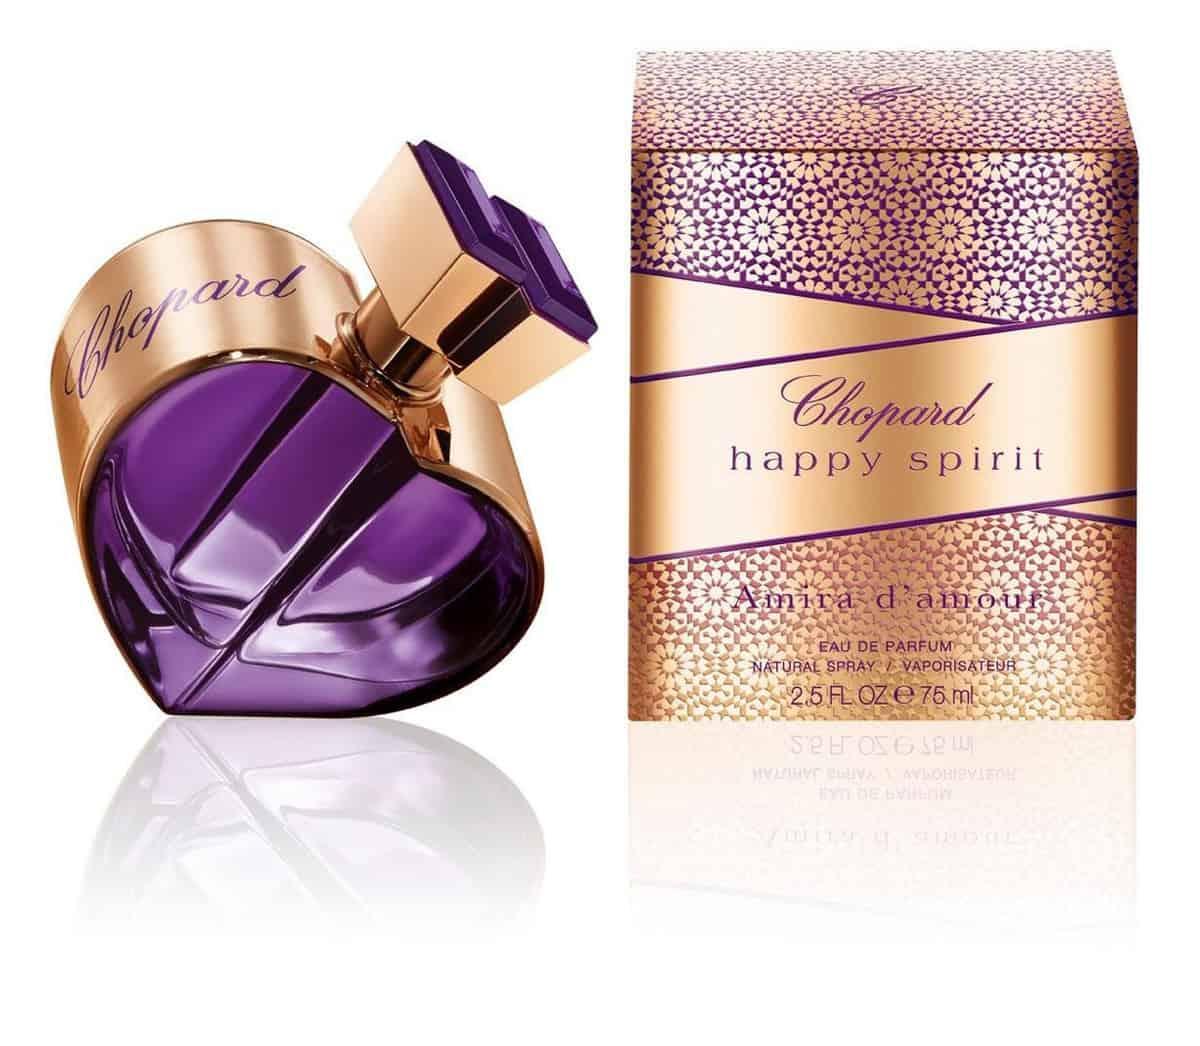 purple perfume mehstyle - تشخیص بوی عطر از روی رنگ آن